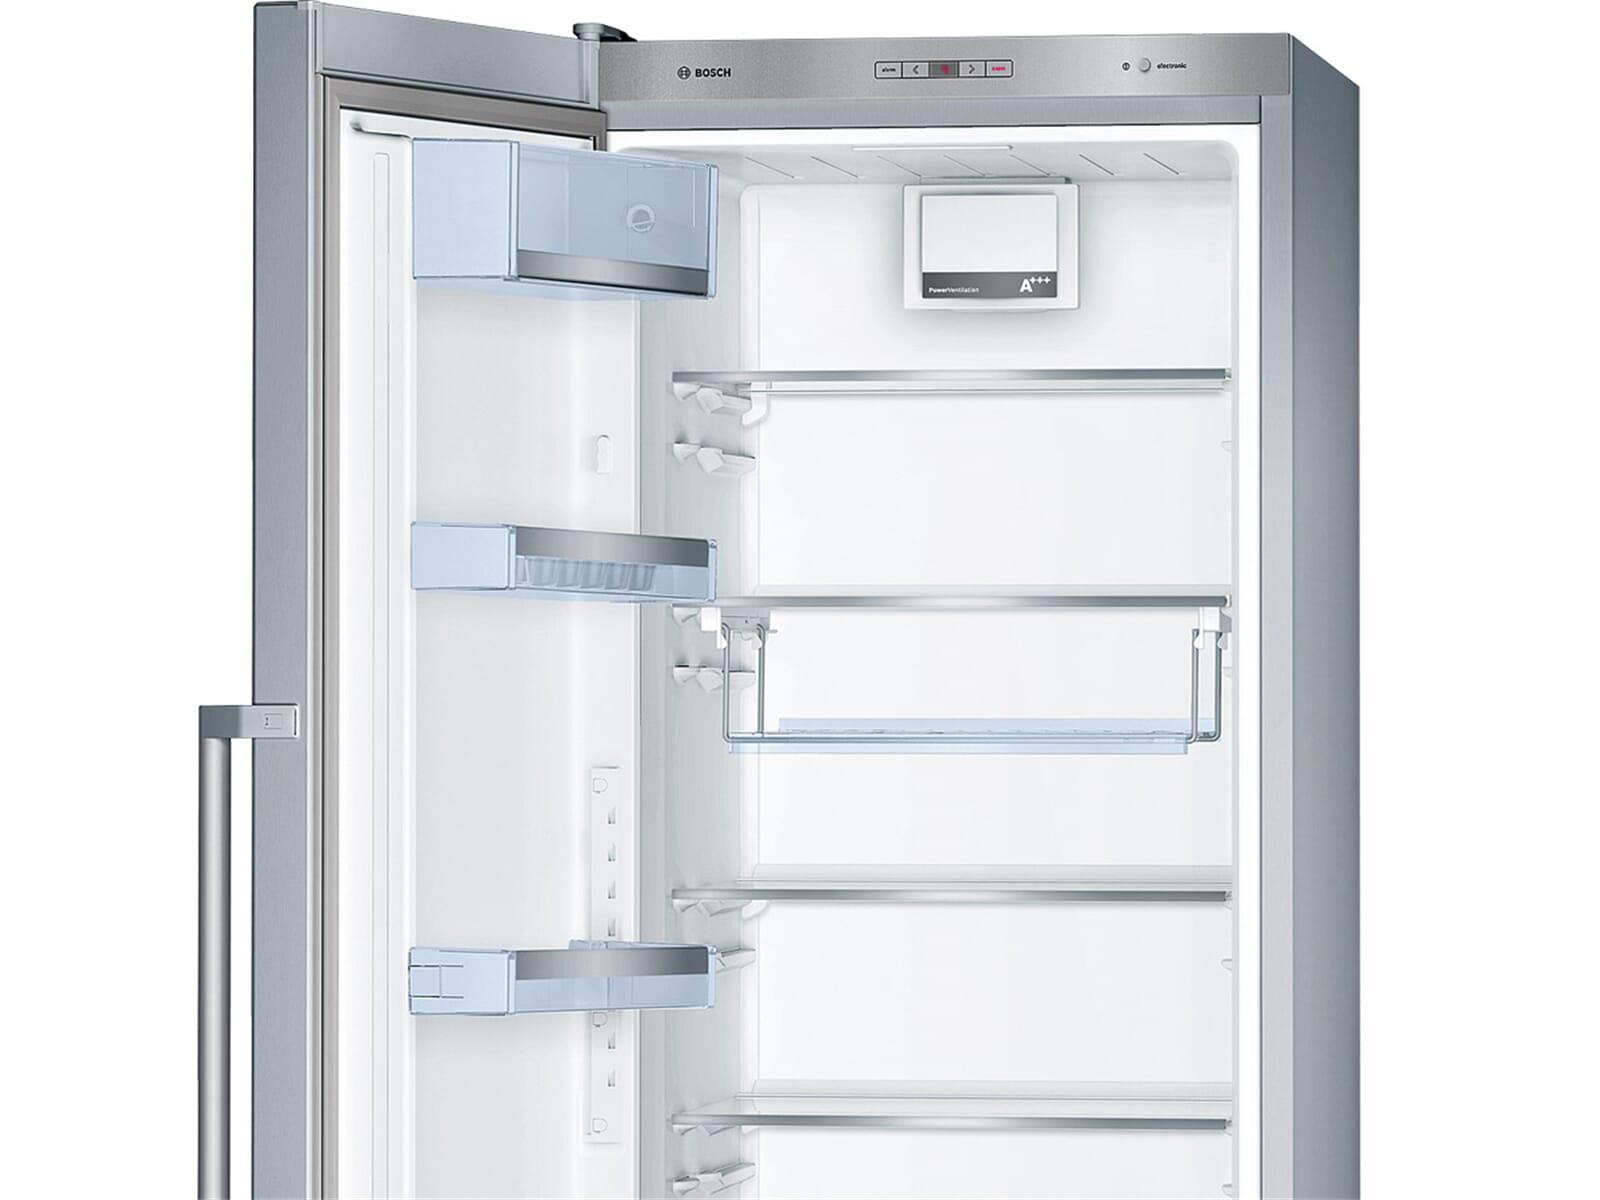 Bomann Kühlschrank A : Küche kühlschrank kilowatt wolkenstein ks95rt sp kühlschrank a 43